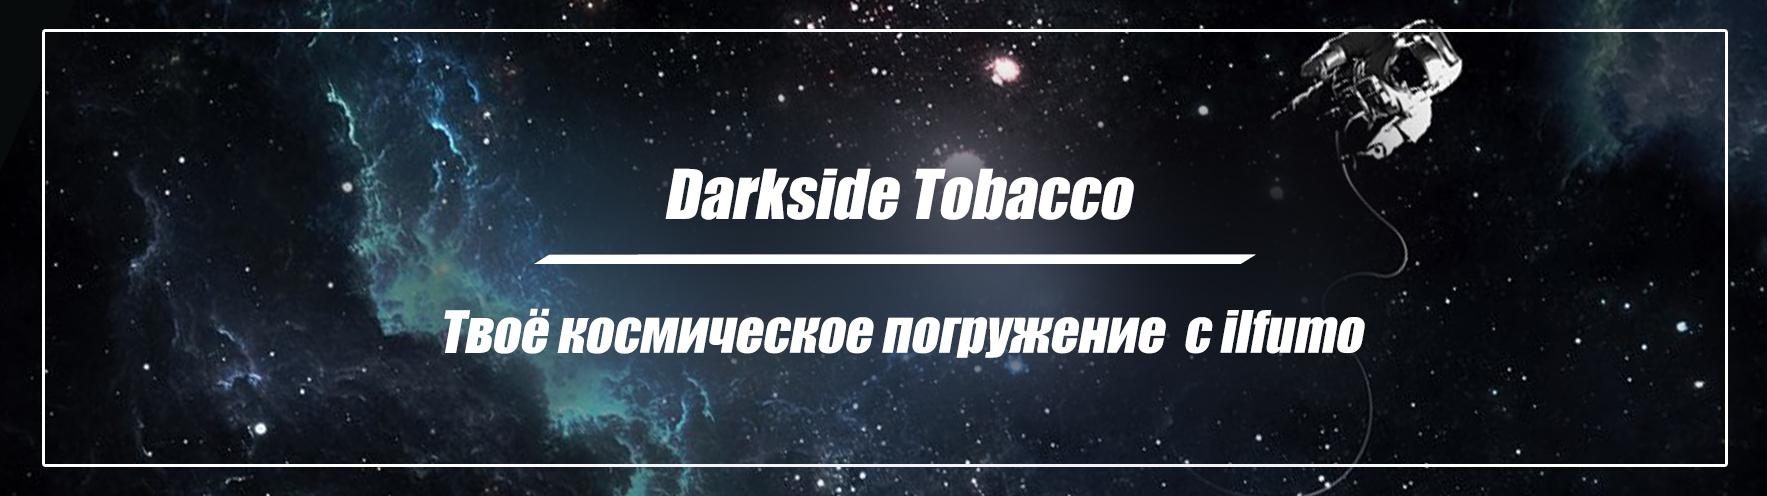 Табак для кальяна Dark Side купить